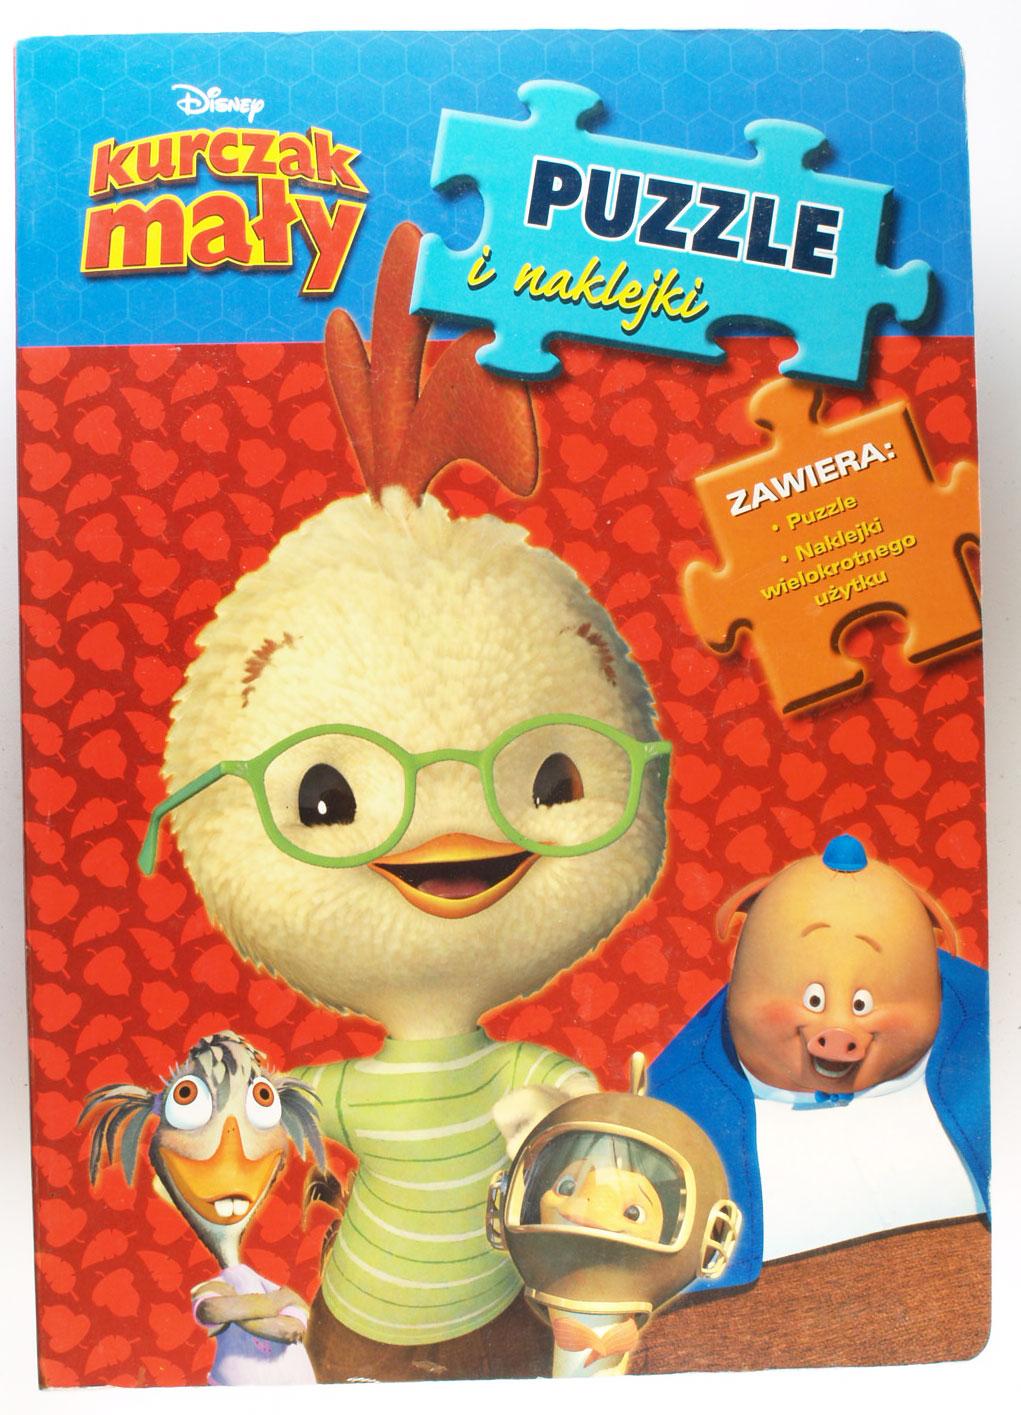 Kurczak Maly Puzzle I Naklejki Disney 7340729916 Oficjalne